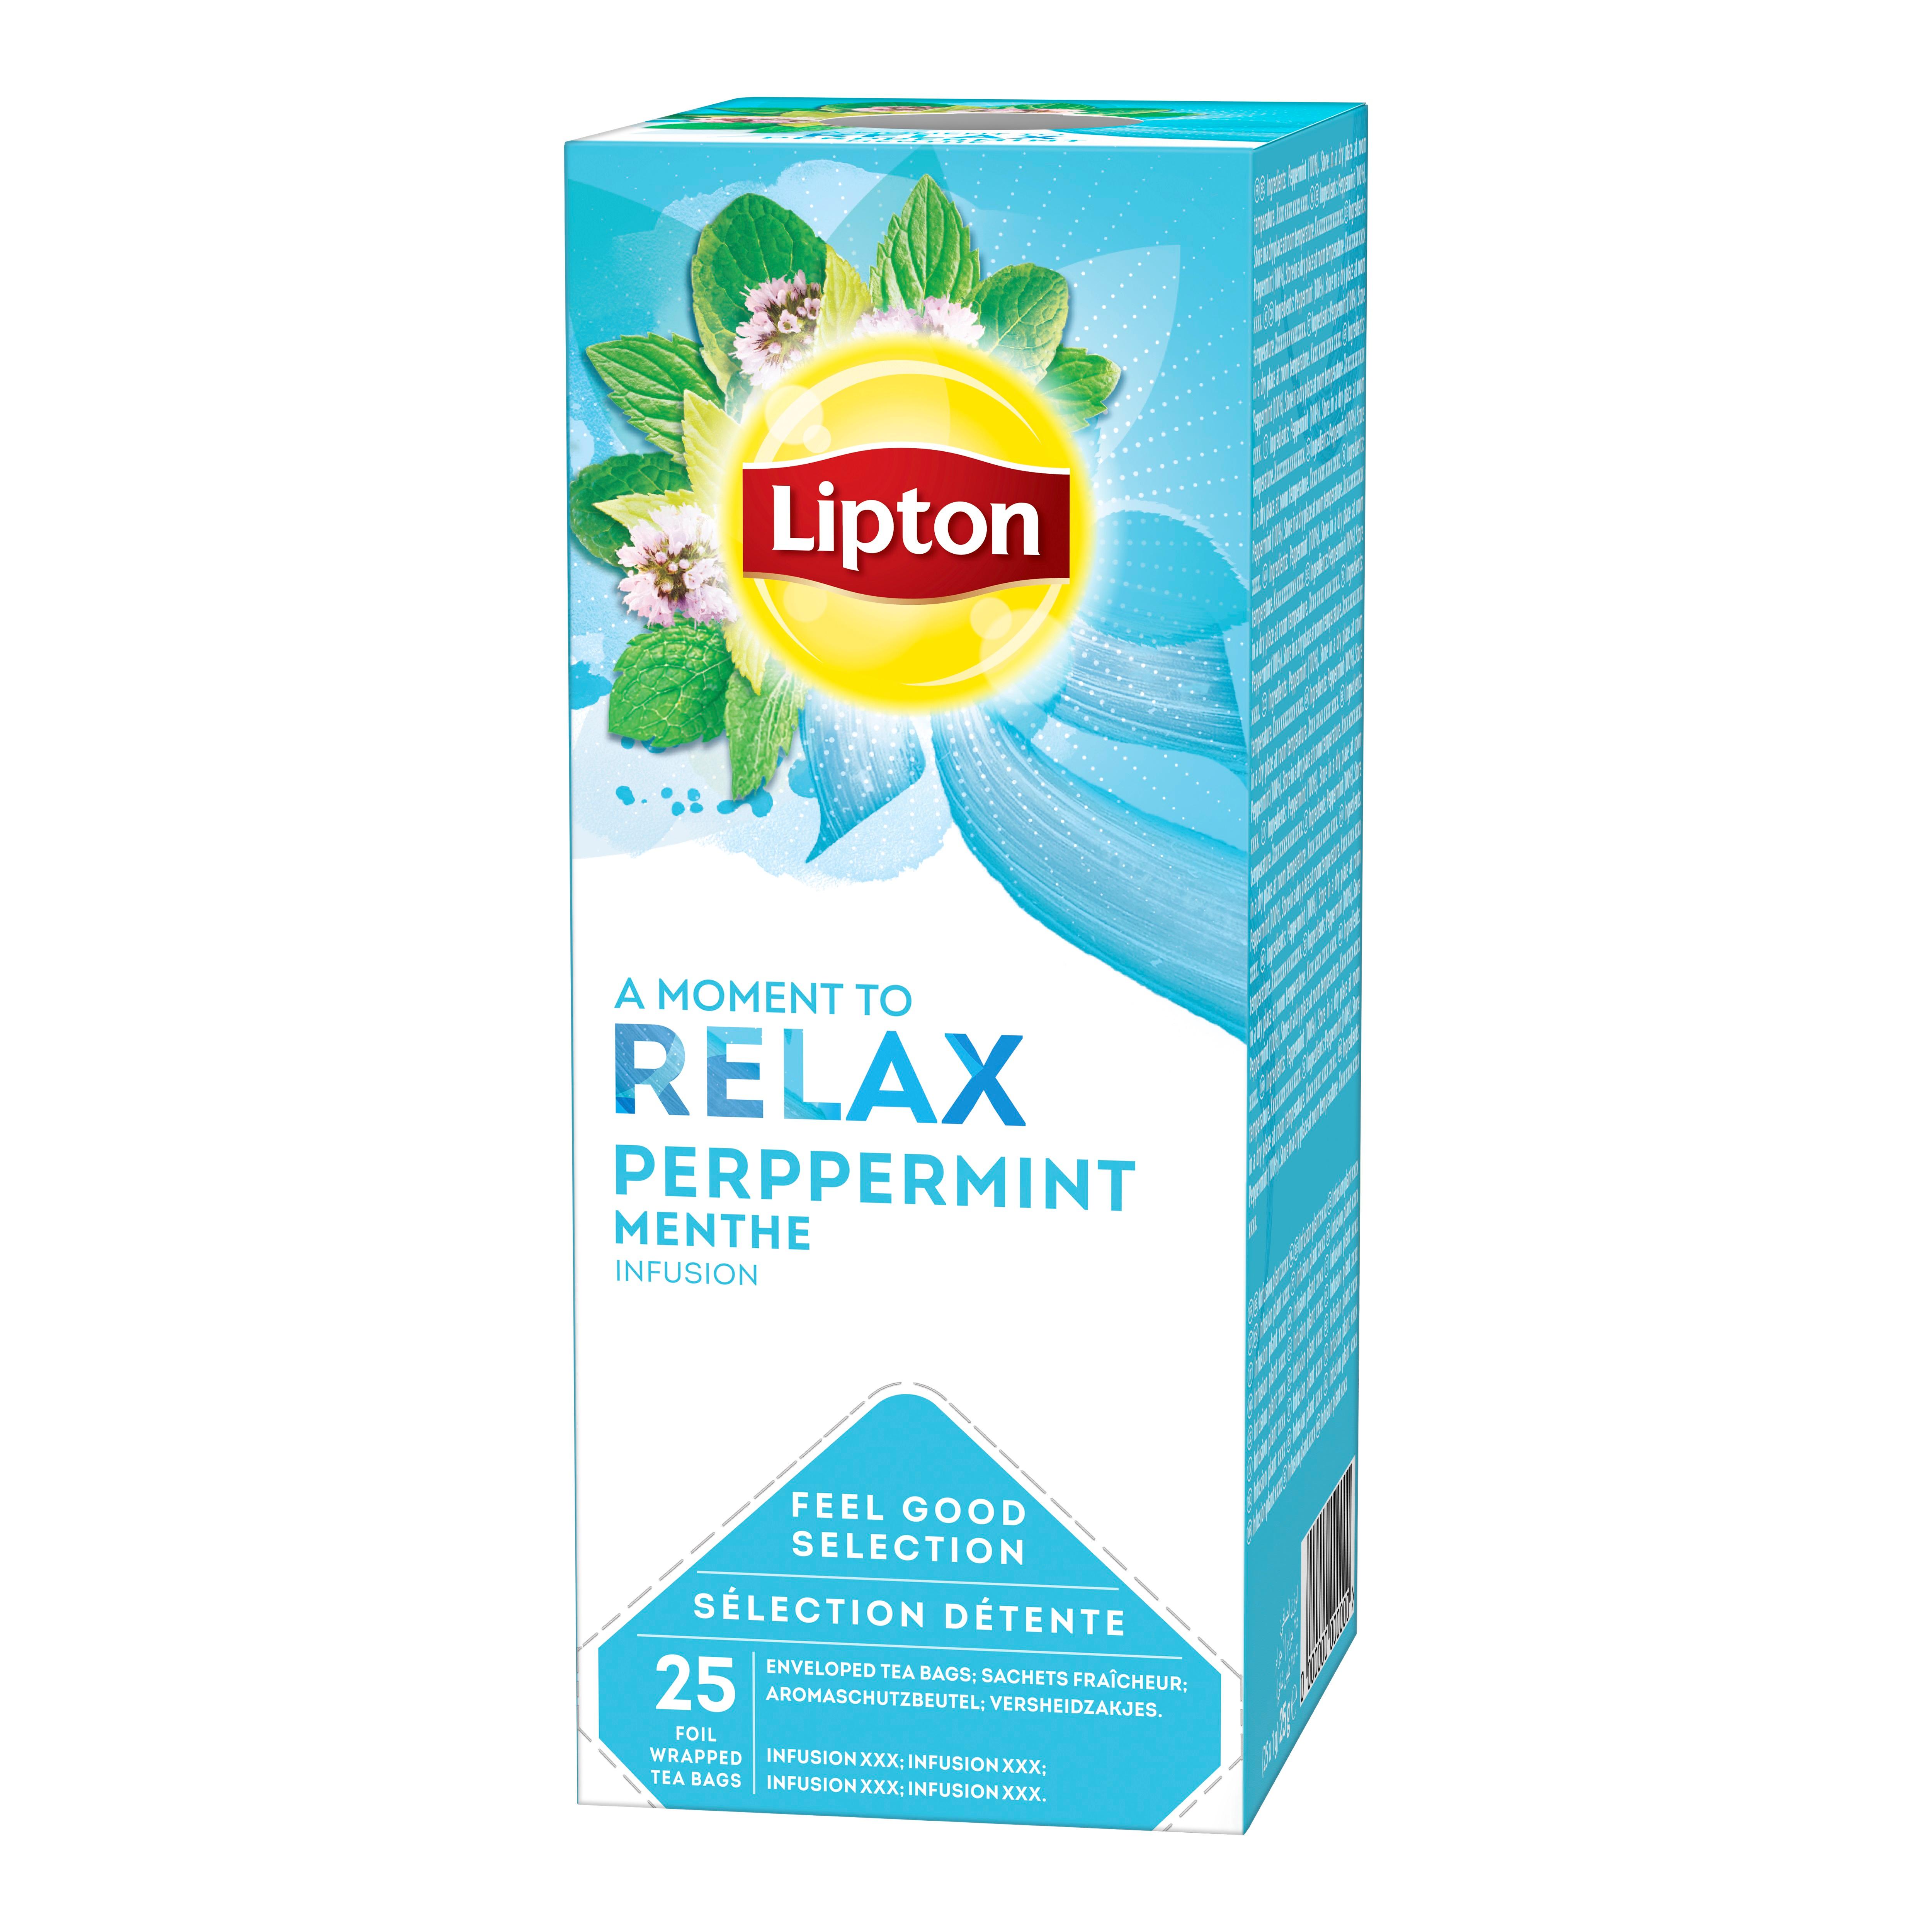 Lipton Meta 25/1 - Na voljo so različni Lipton čaji: zeliščni, črni, zeleni in sadni.